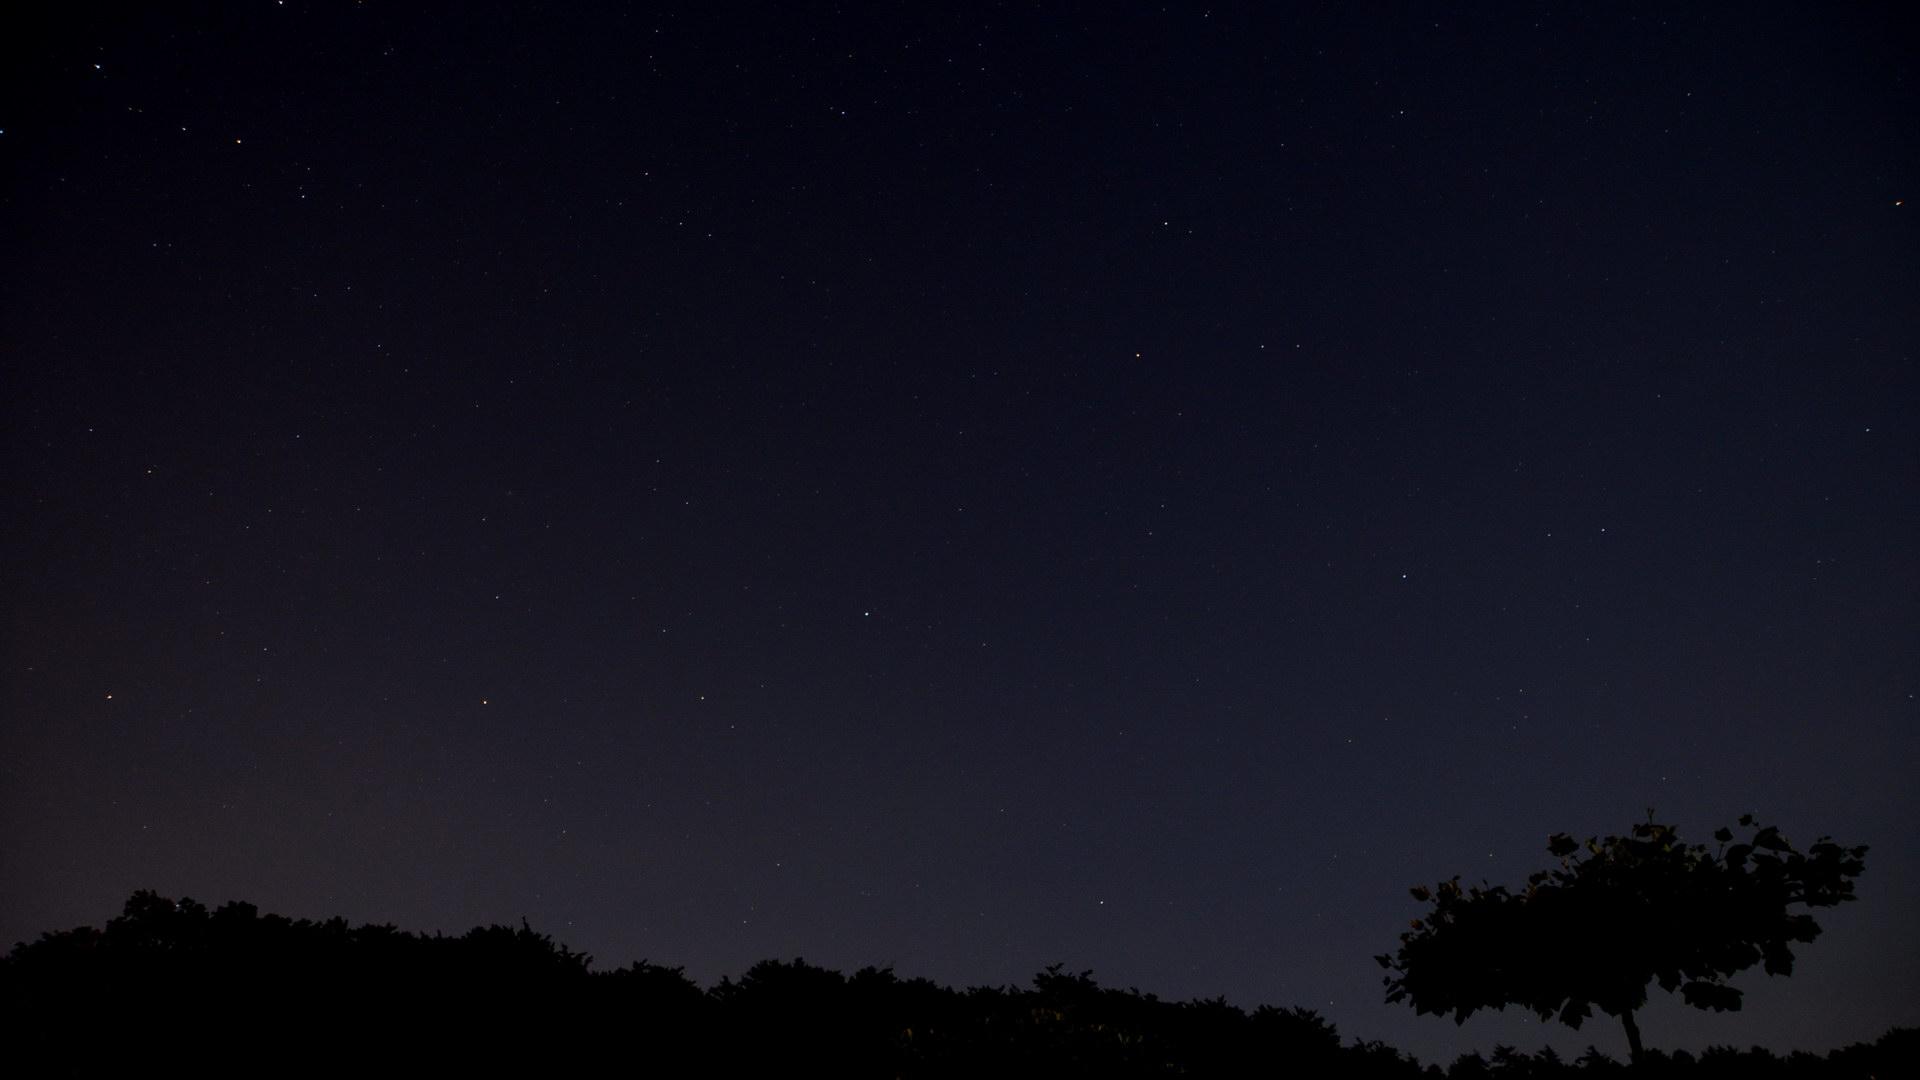 Landschaft Silhouette vor Sternen